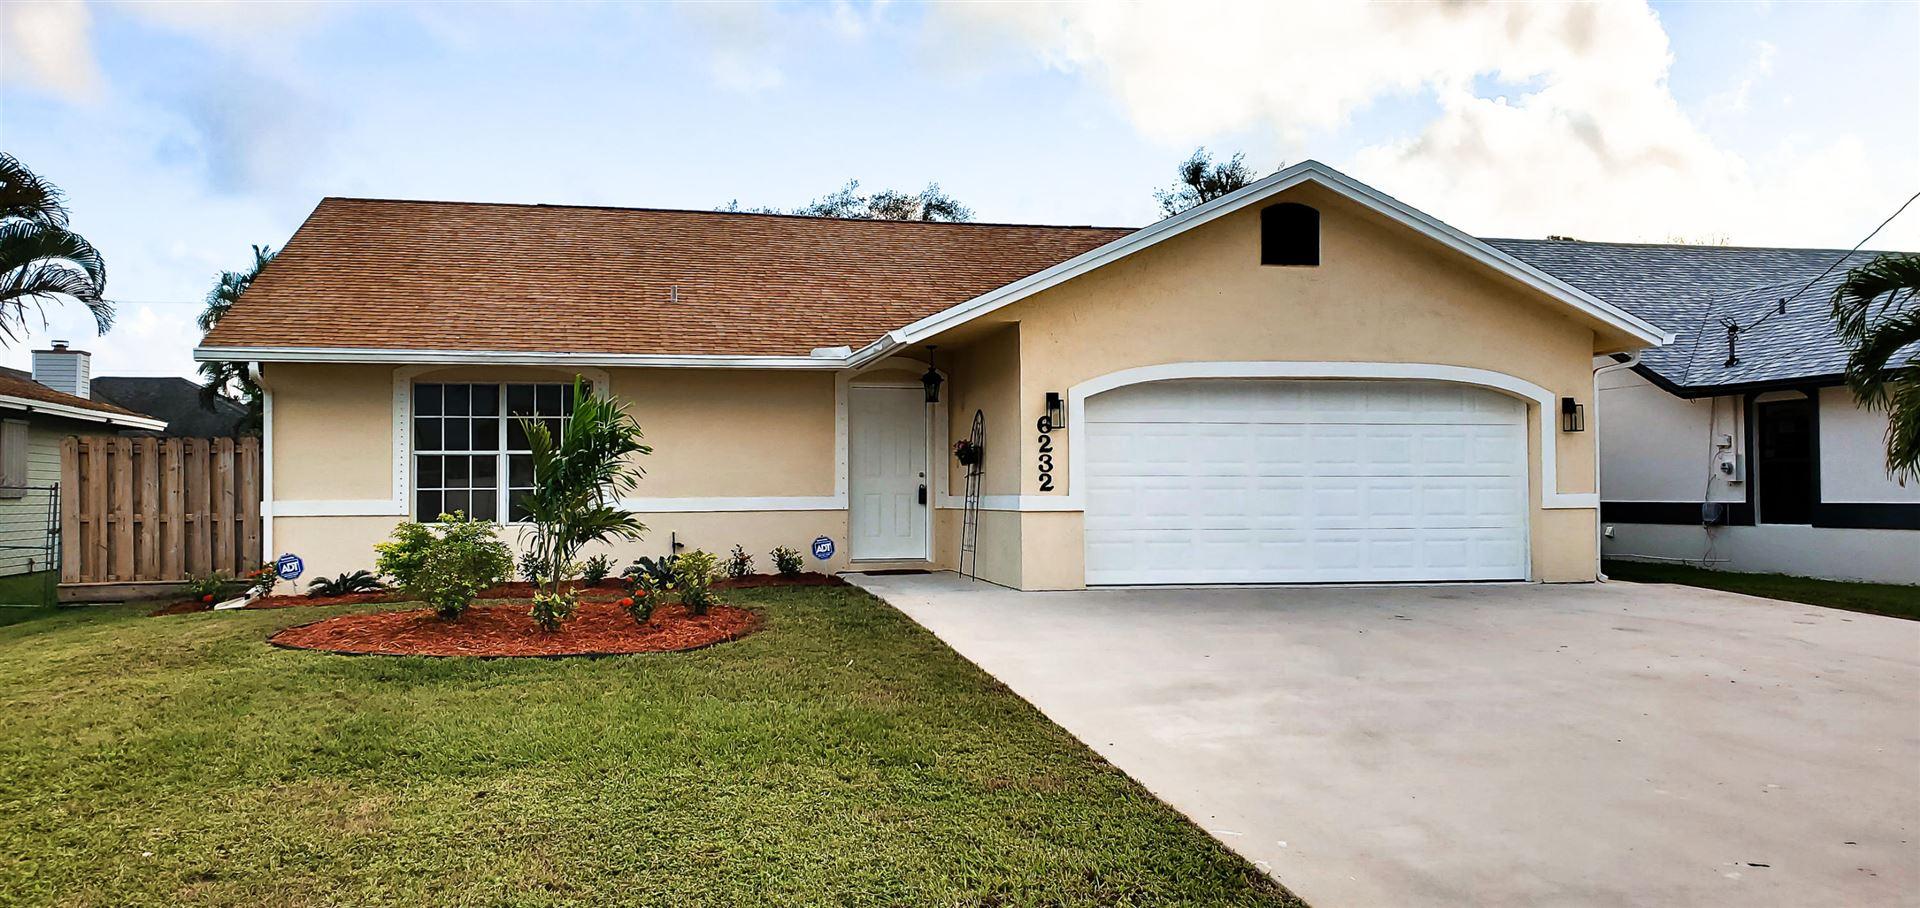 6232 Garrett Street, Jupiter, FL 33458 - #: RX-10671431